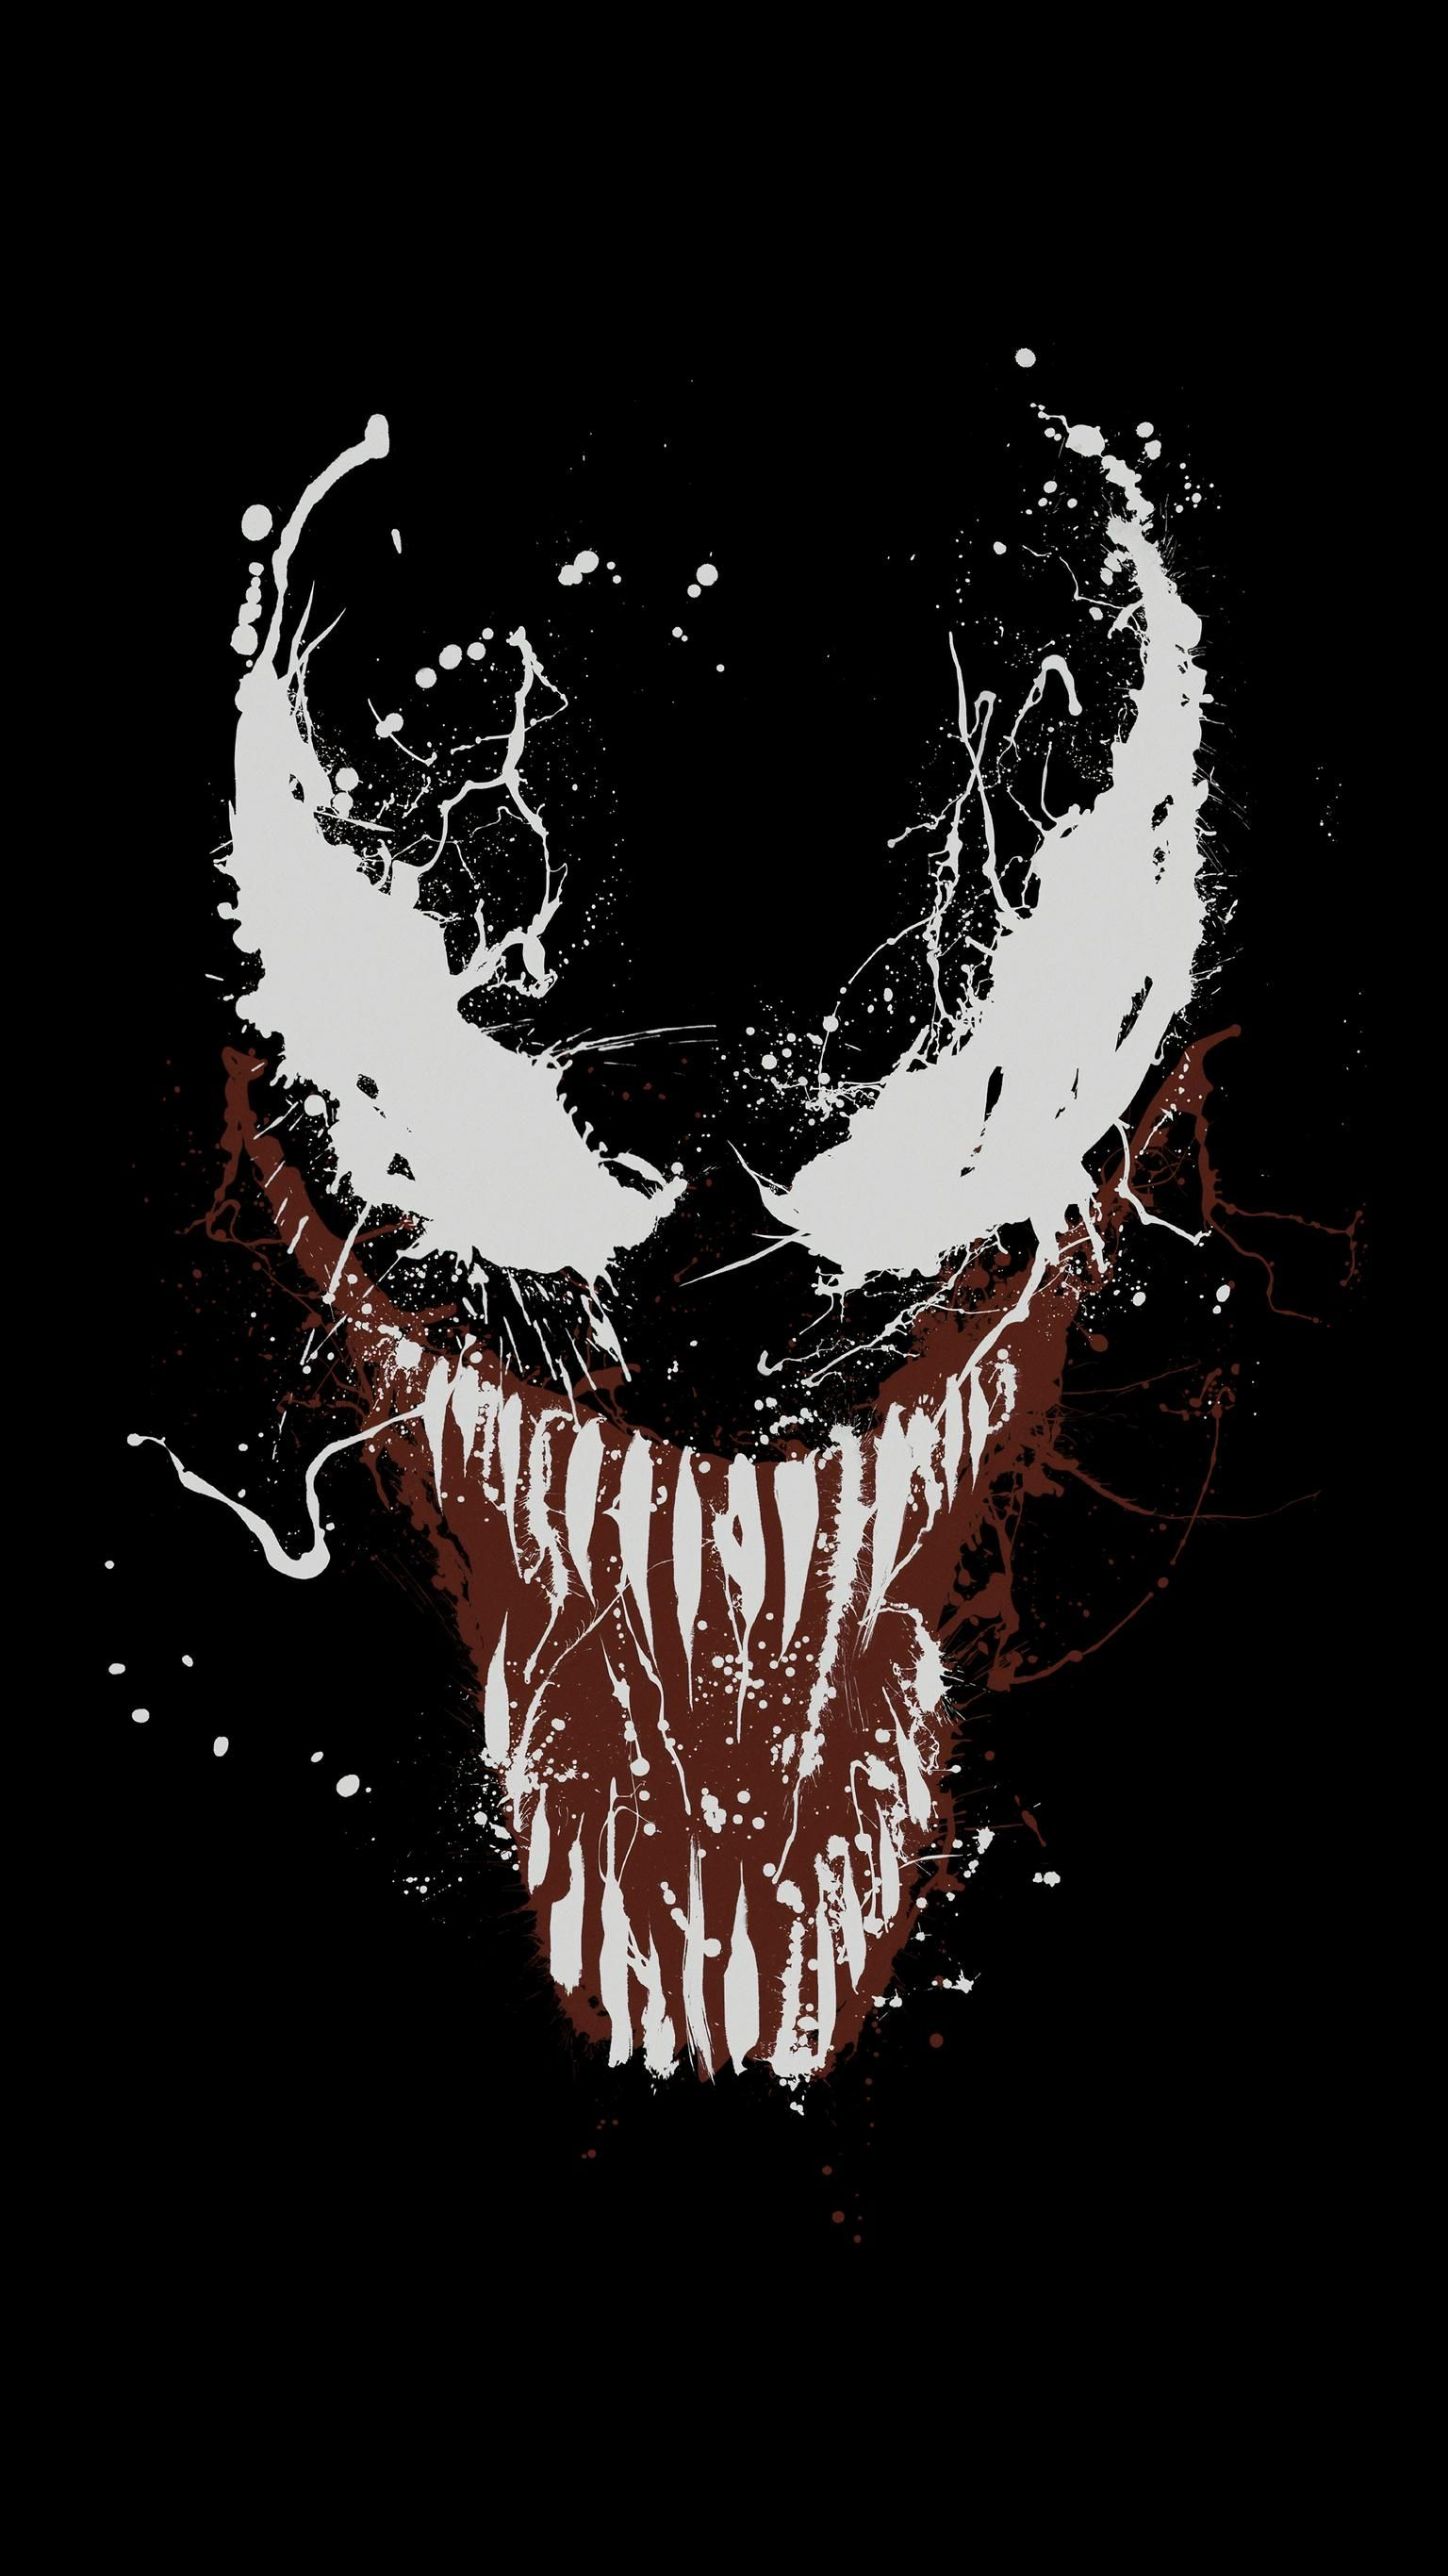 Venom (2018) Phone Wallpaper Marvel wallpaper, Venom art